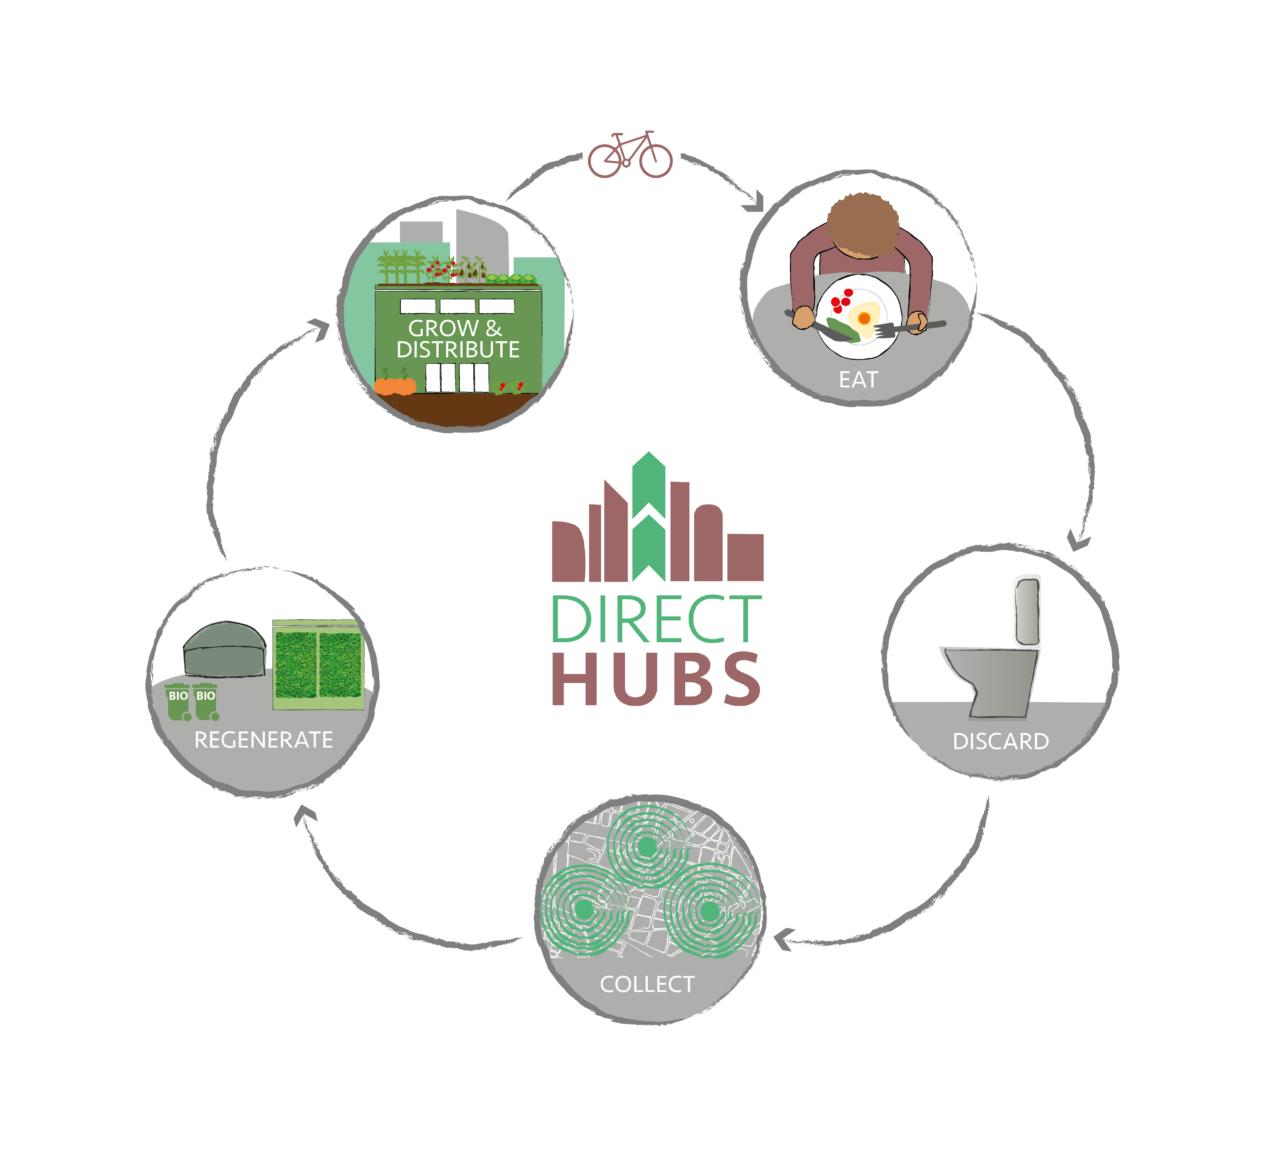 Direct Hubs